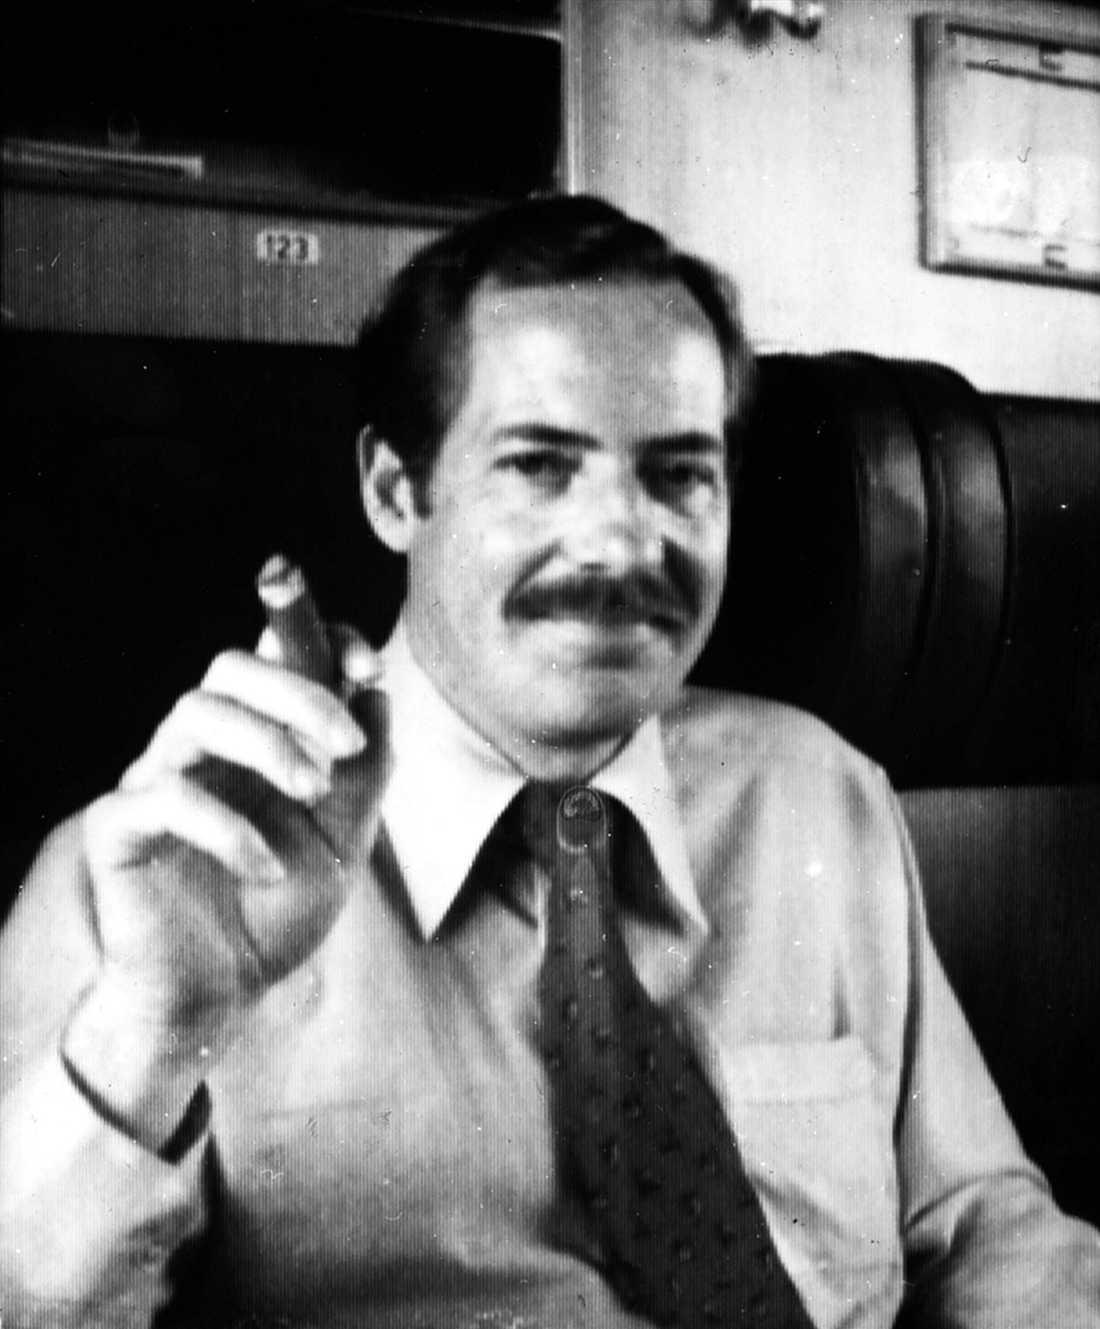 """""""När han kom till Säkerhetspolisen anställdes han omedelbart på Ryssroteln, vilket var Säpos mest prestigefyllda avdelning. Det är det som är mystiskt i hans karriär"""", säger Jan Guillou."""